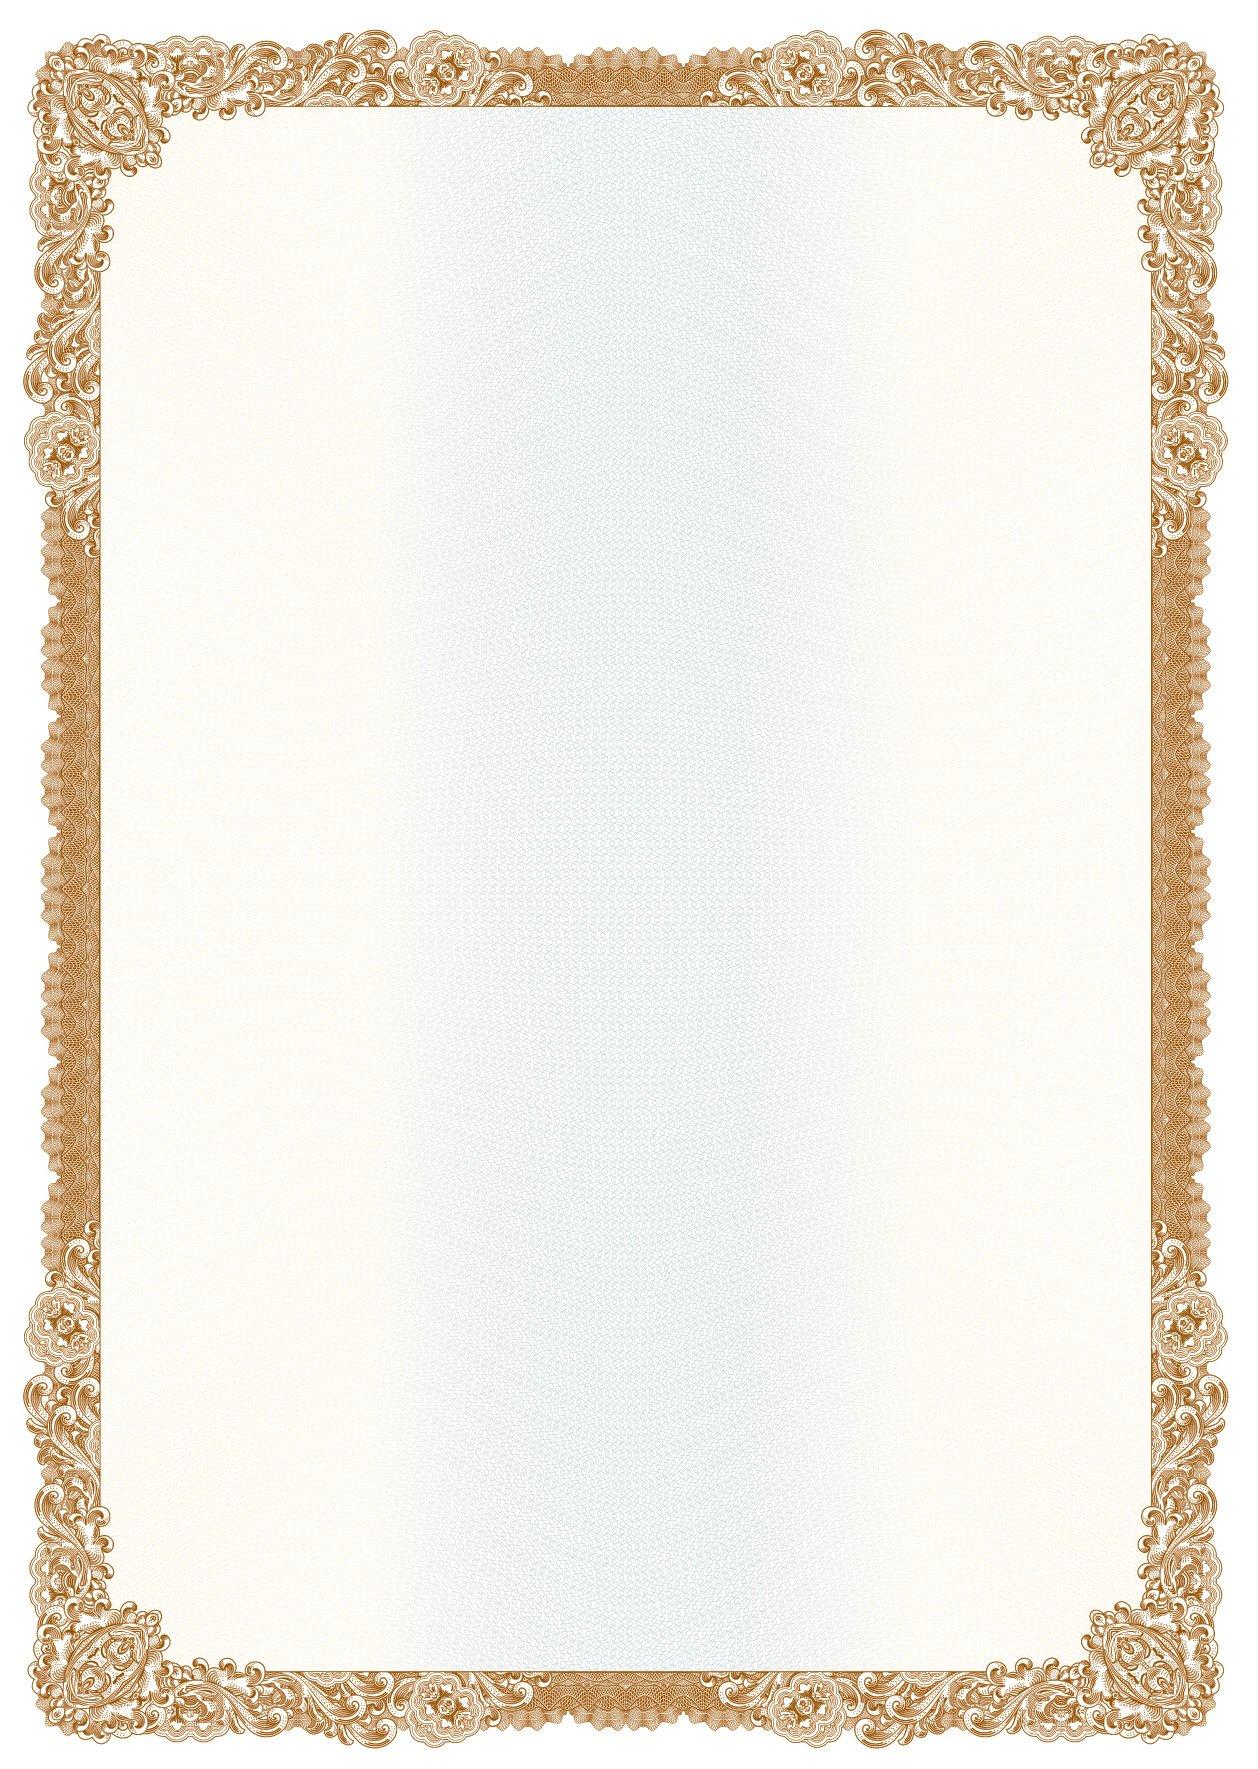 меха рамка для оформления официального поздравления большая подборка фотографий